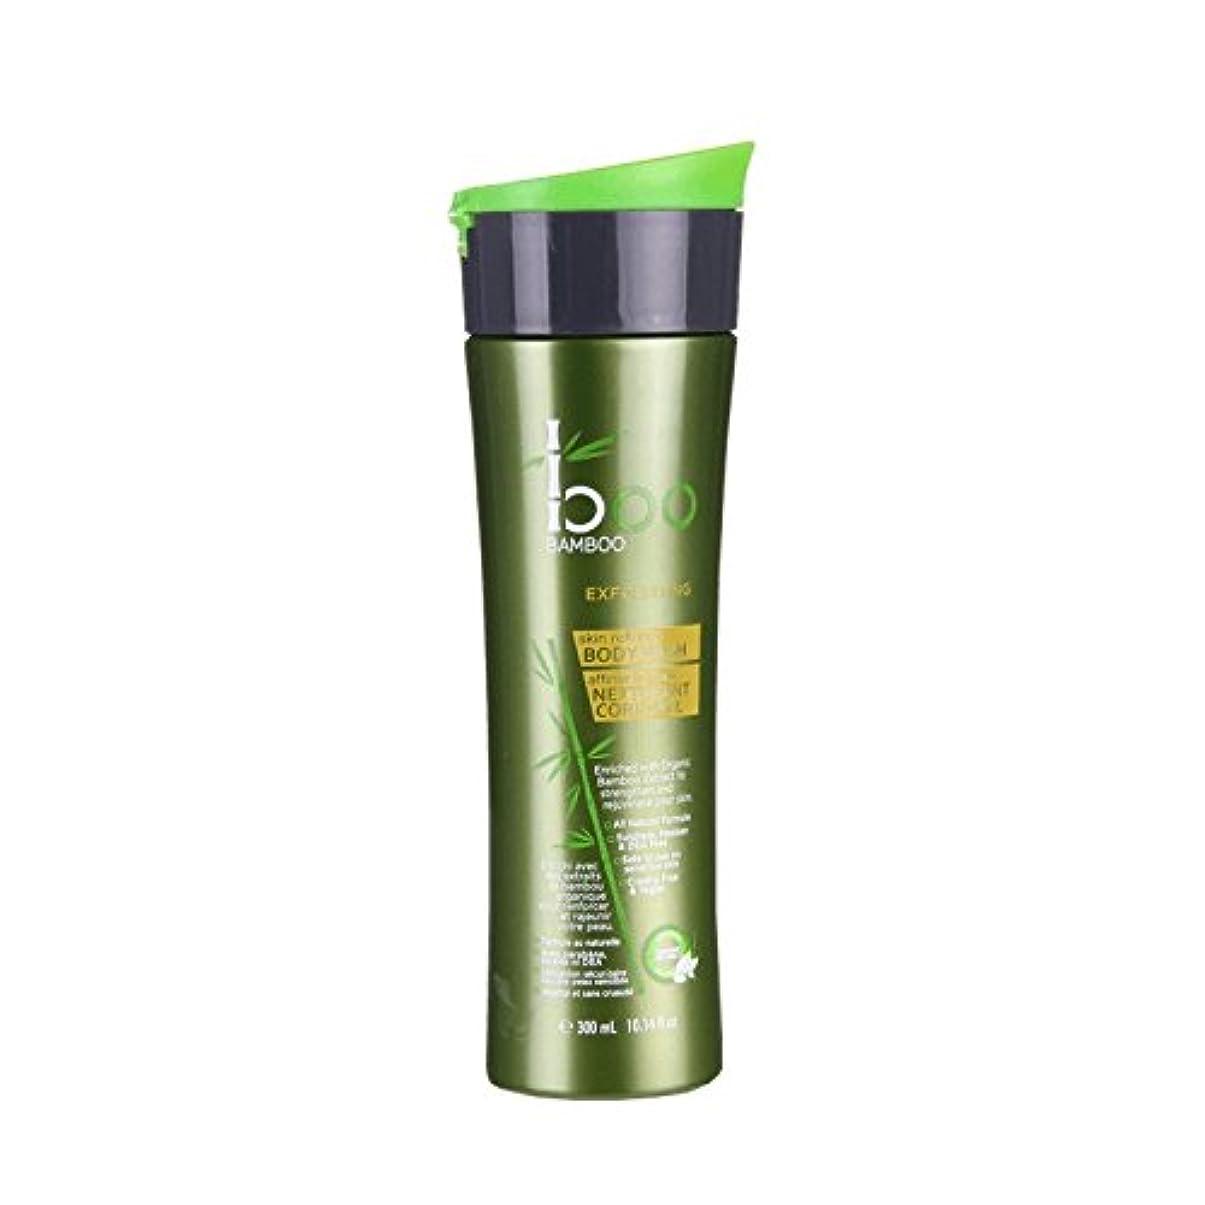 領域時期尚早球体Boo Bamboo Exfoliating Body Wash 300ml (Pack of 6) - 竹ピーリングボディウォッシュ300ミリリットルブーイング (x6) [並行輸入品]